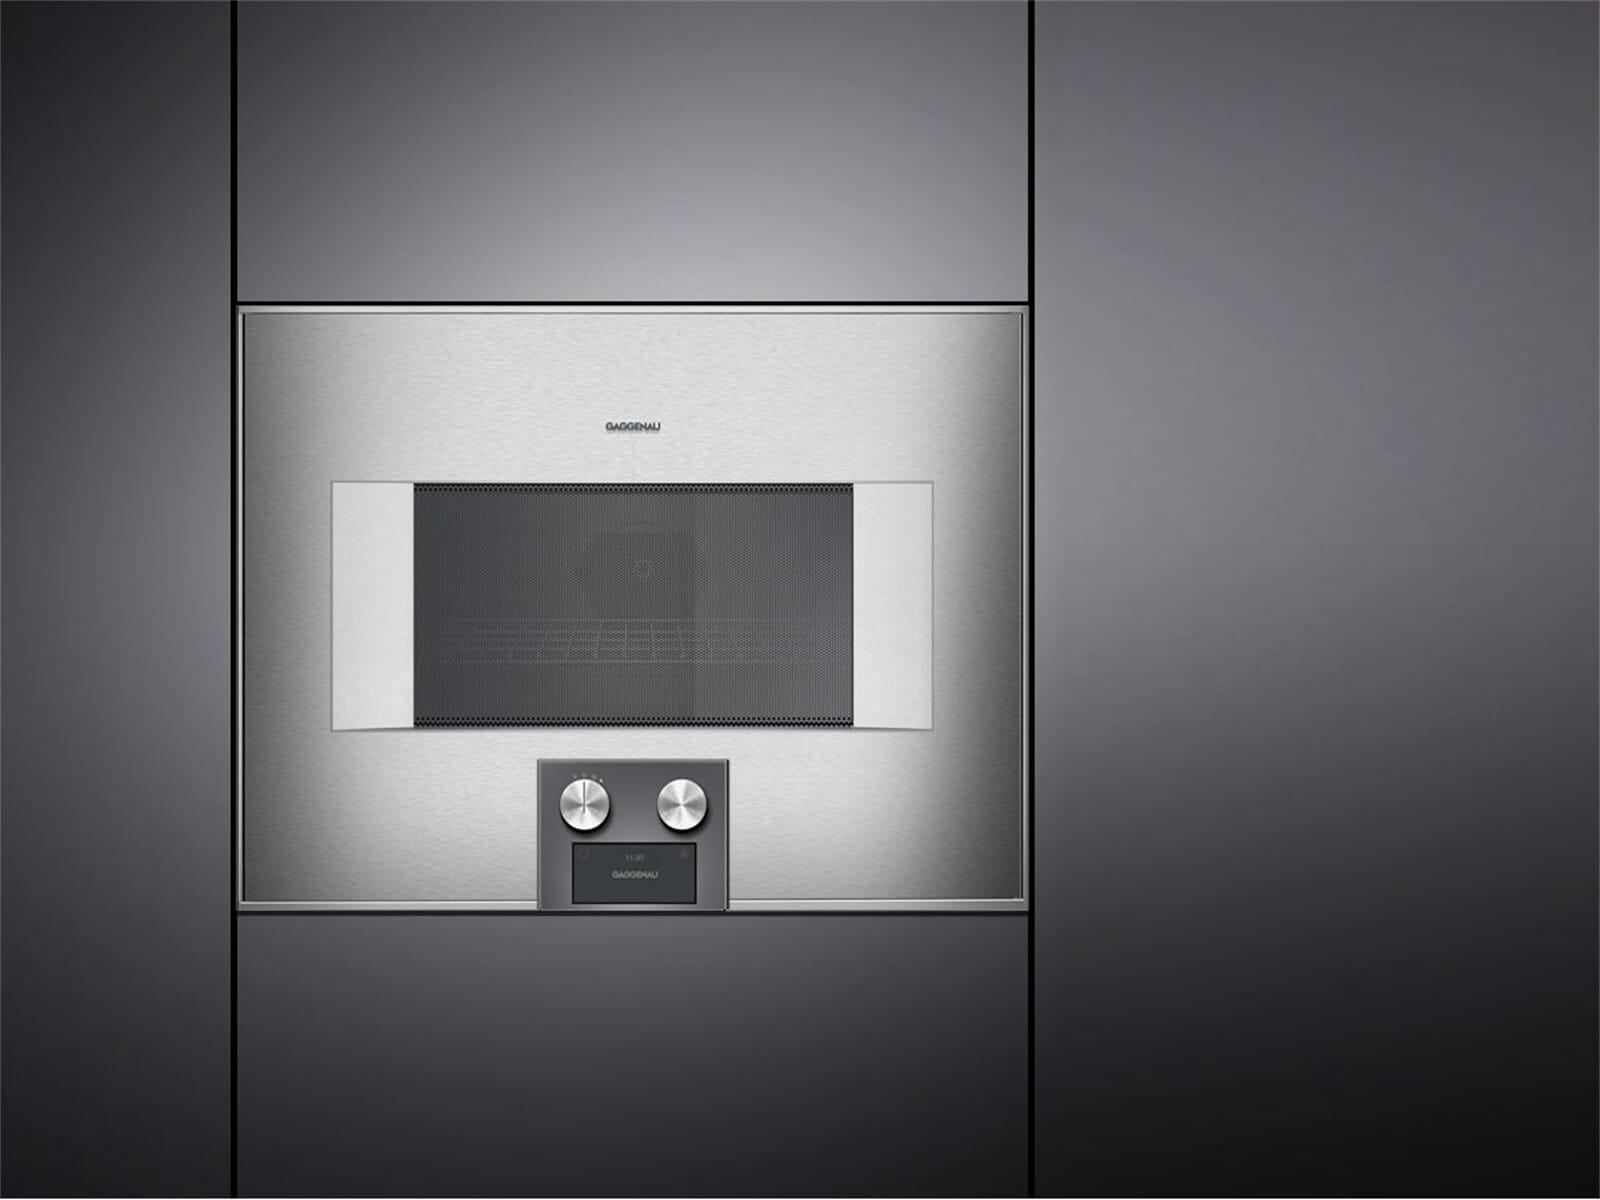 gaggenau bm 454 110 mikrowellen backofen serie 400 edelstahl glas. Black Bedroom Furniture Sets. Home Design Ideas